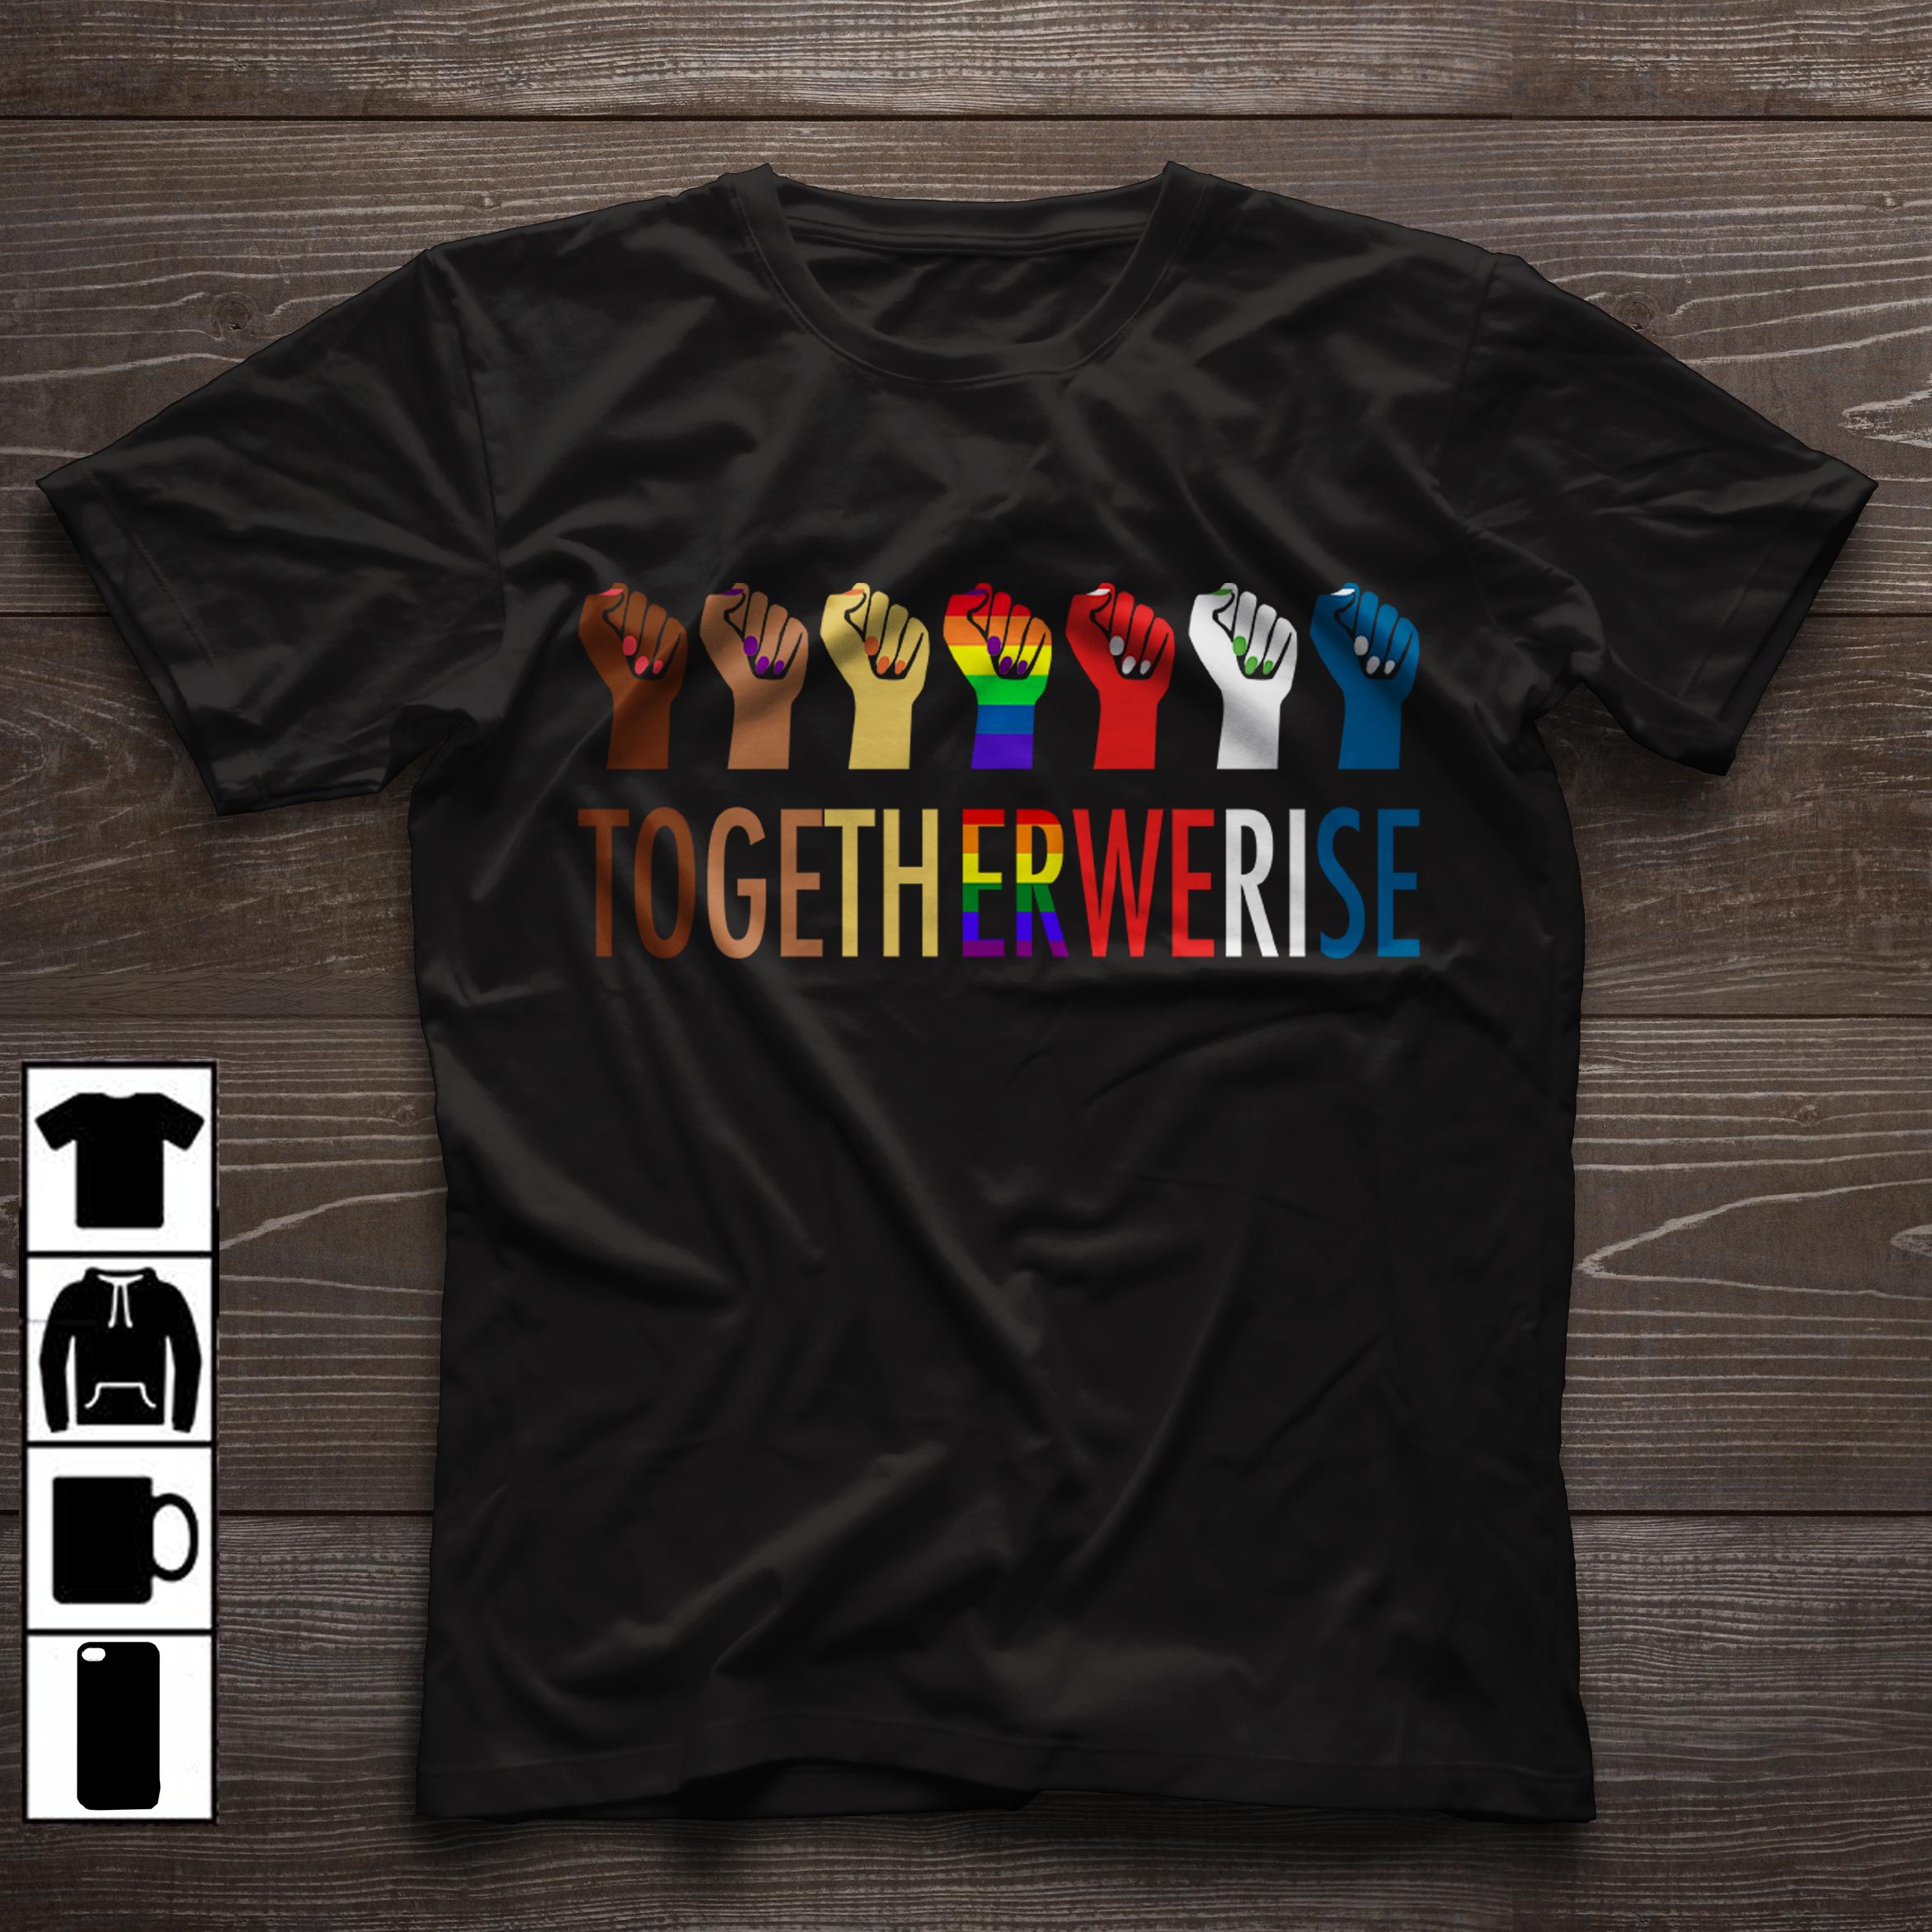 6c86174b01e3 Together we rise | black lives matter | colin kaepernick | blm | human  right | black history | kap7 | black history month | protest | resist | together  we ...